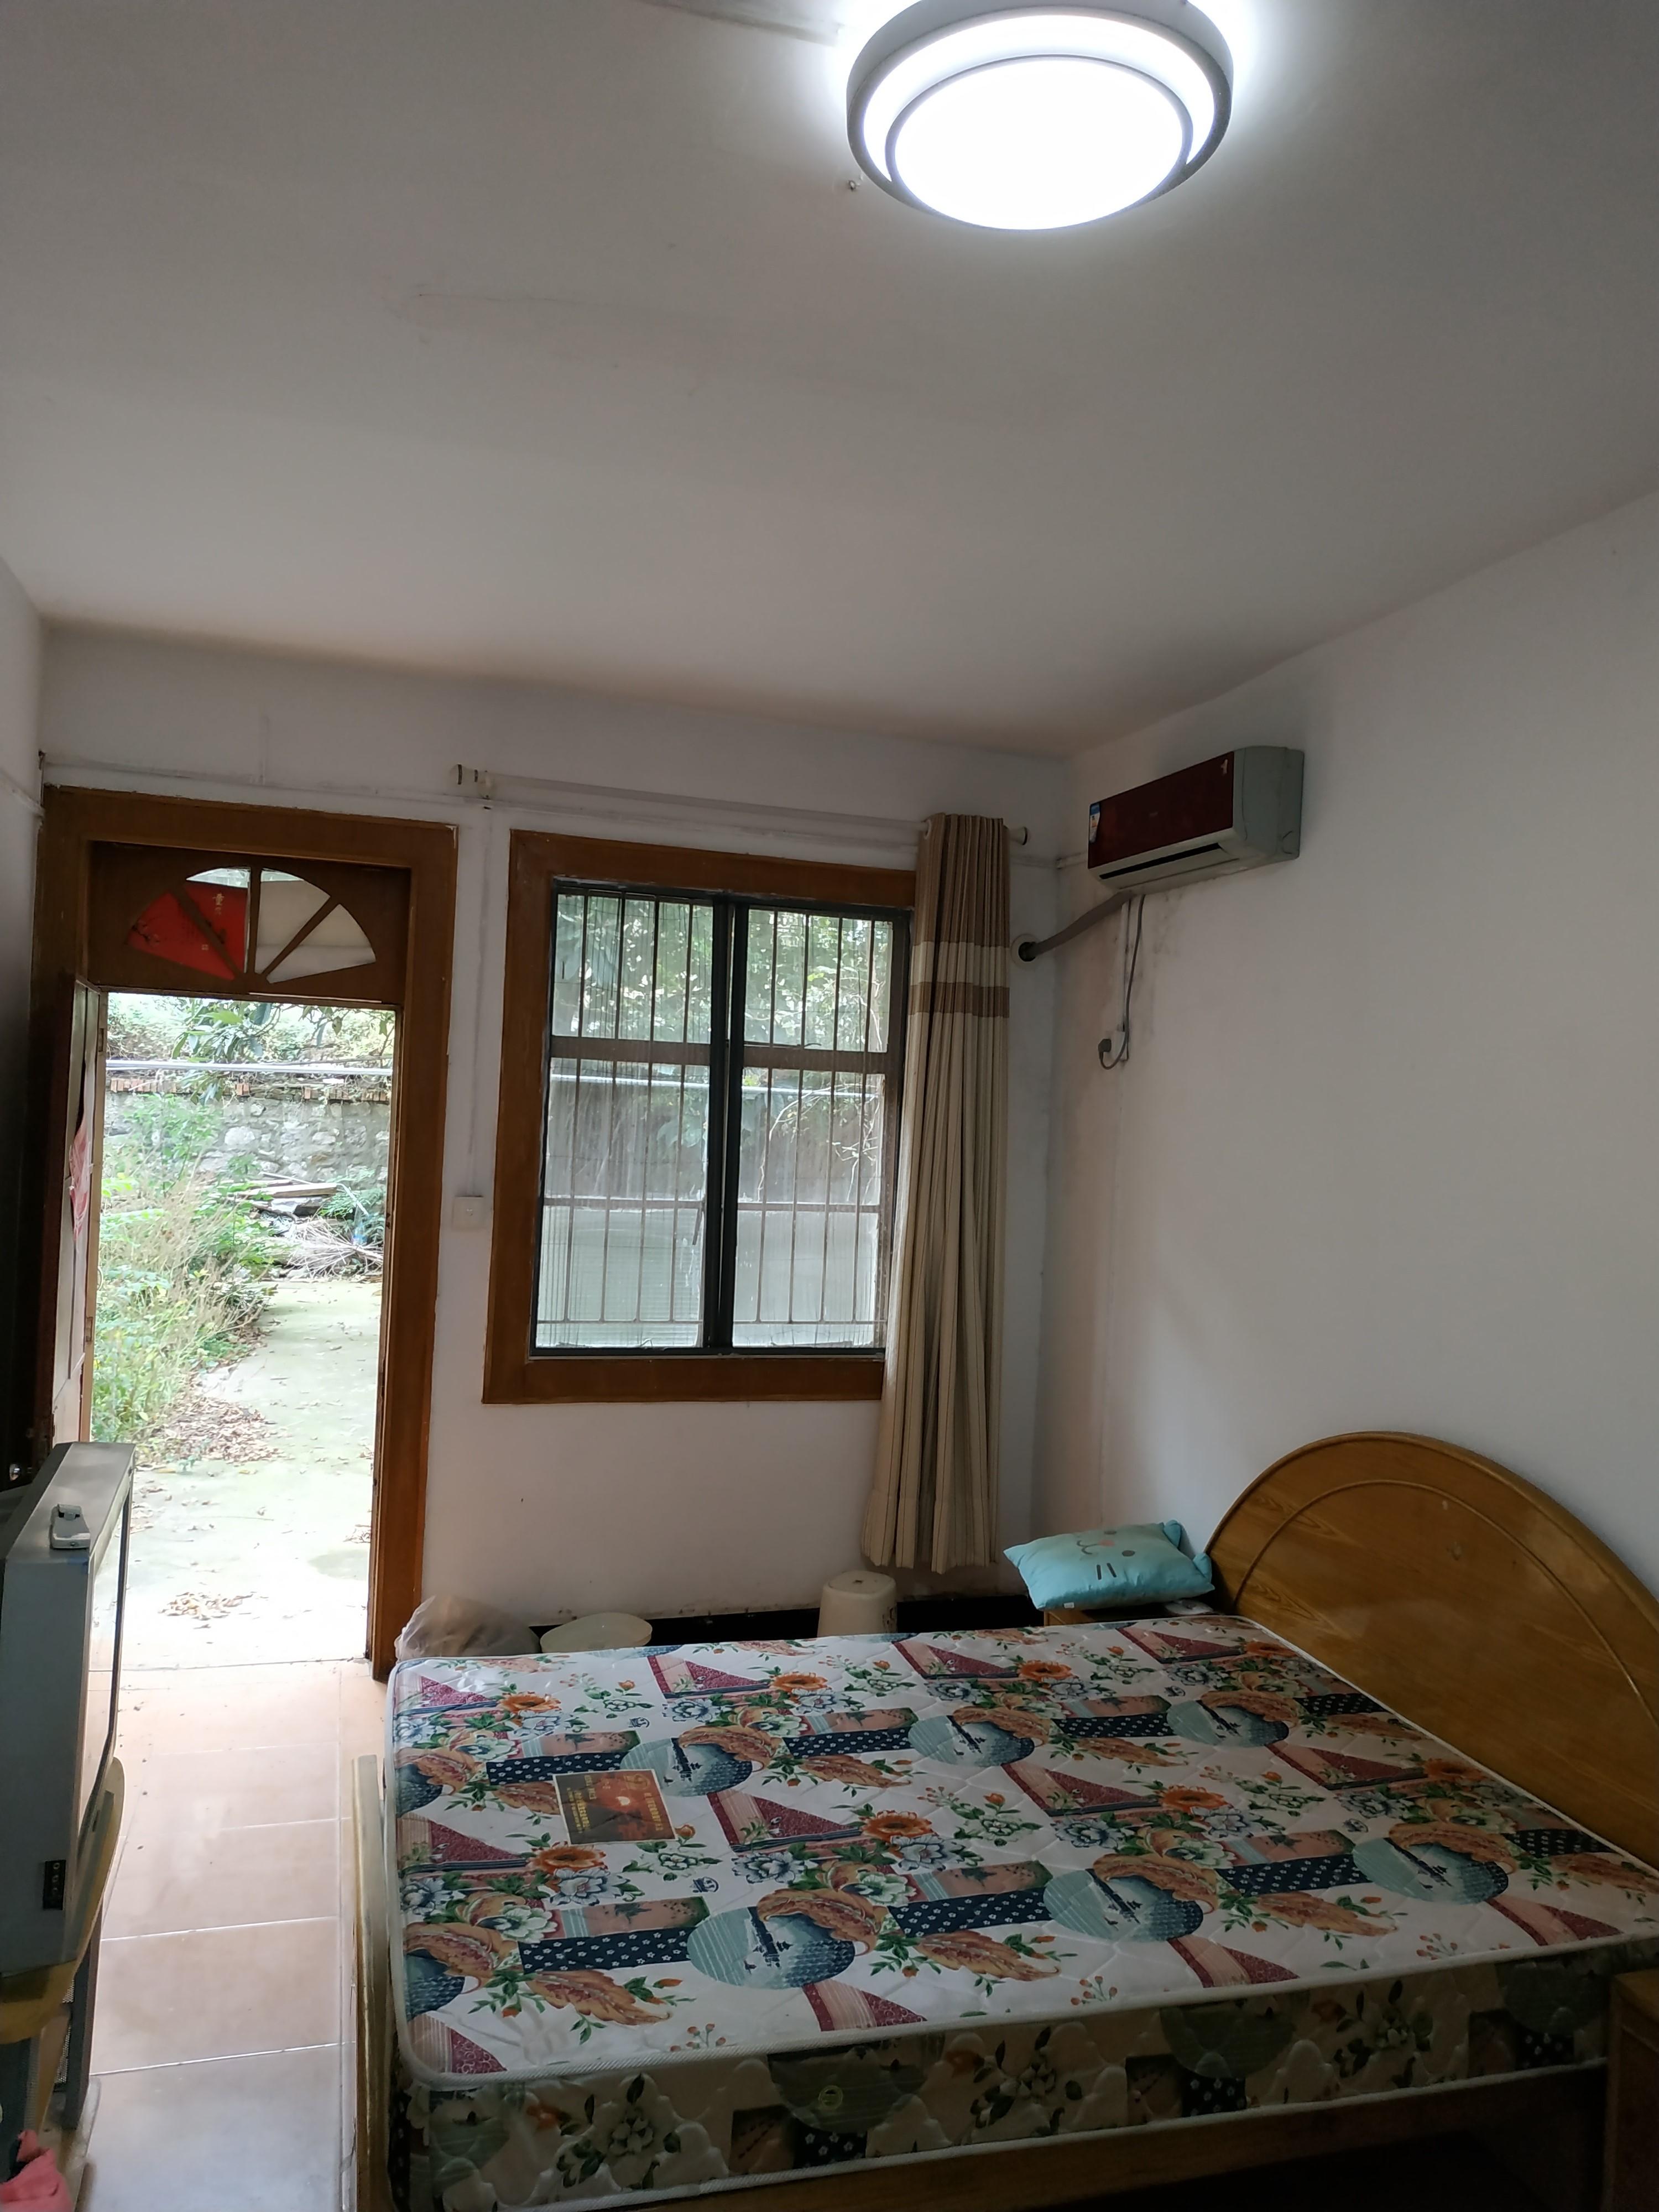 703台家属楼一楼带院子学区房出售_5